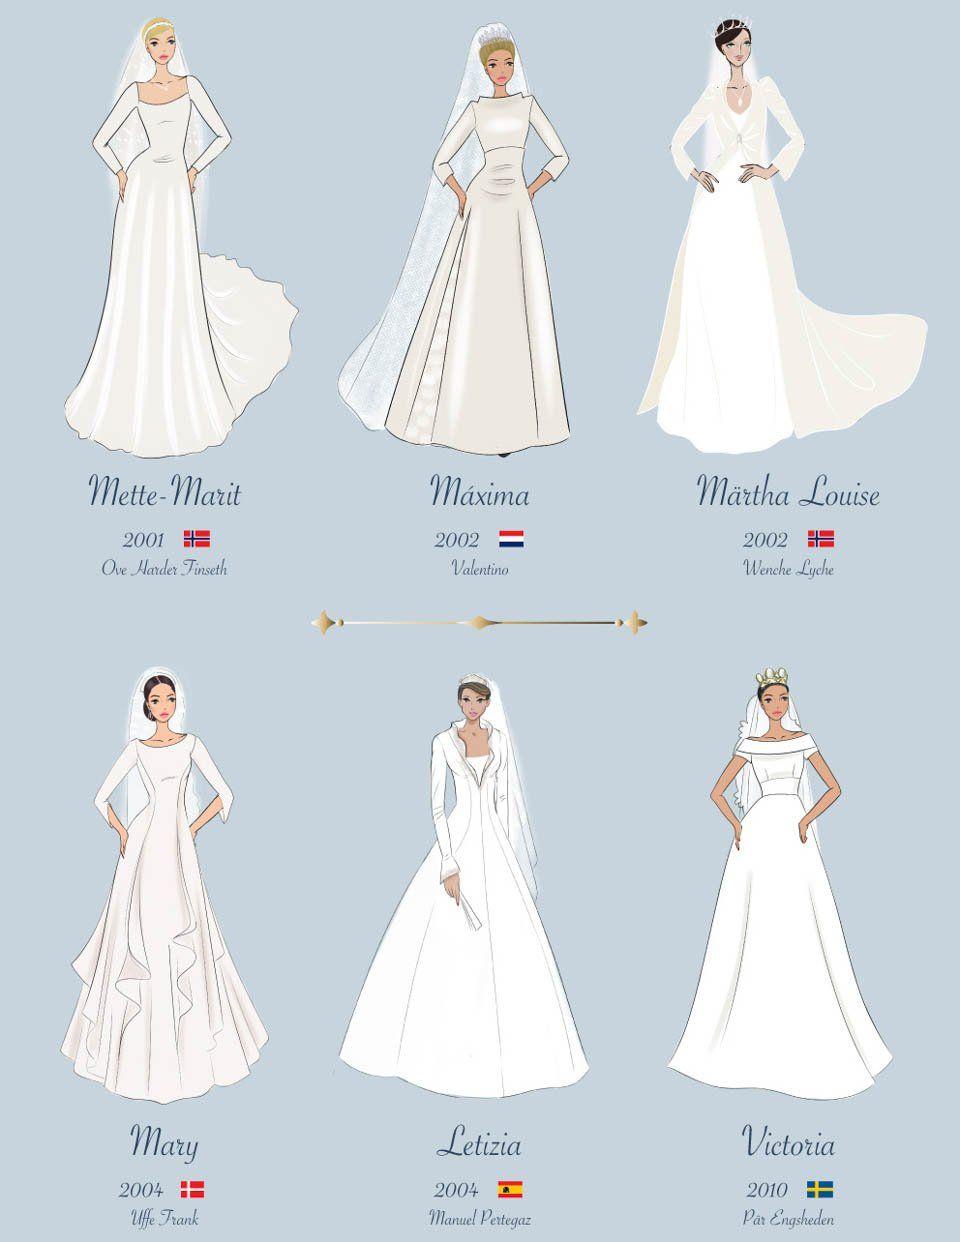 Alle Welt ist gespannt wie das Brautkleid von Meghan Markle bei